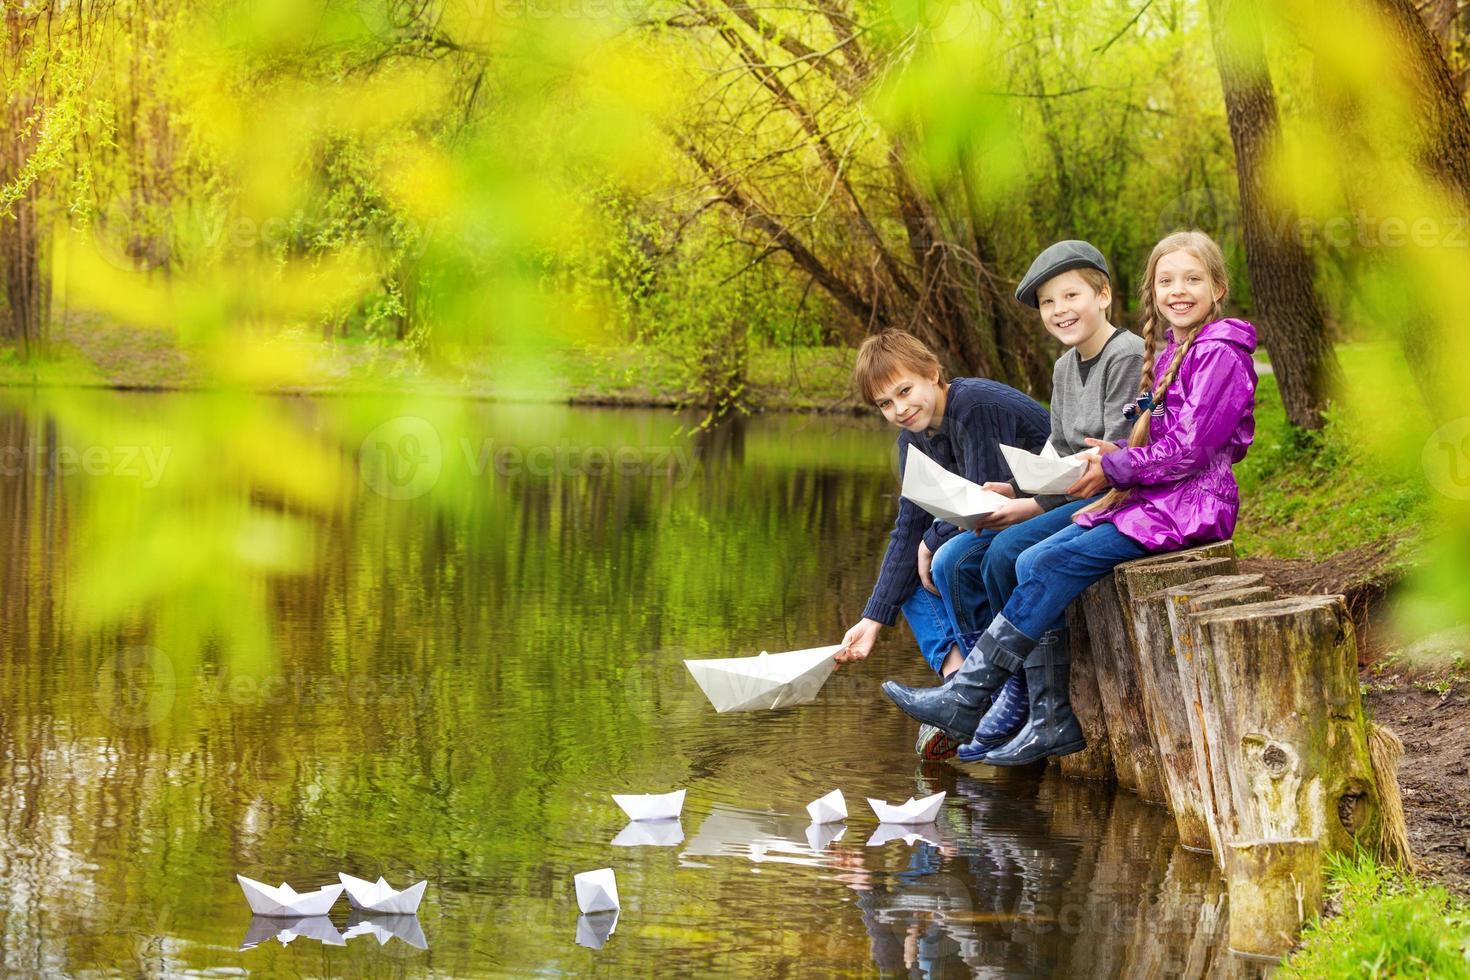 le vänner sitter och sätter pappersbåtar på dammen foto